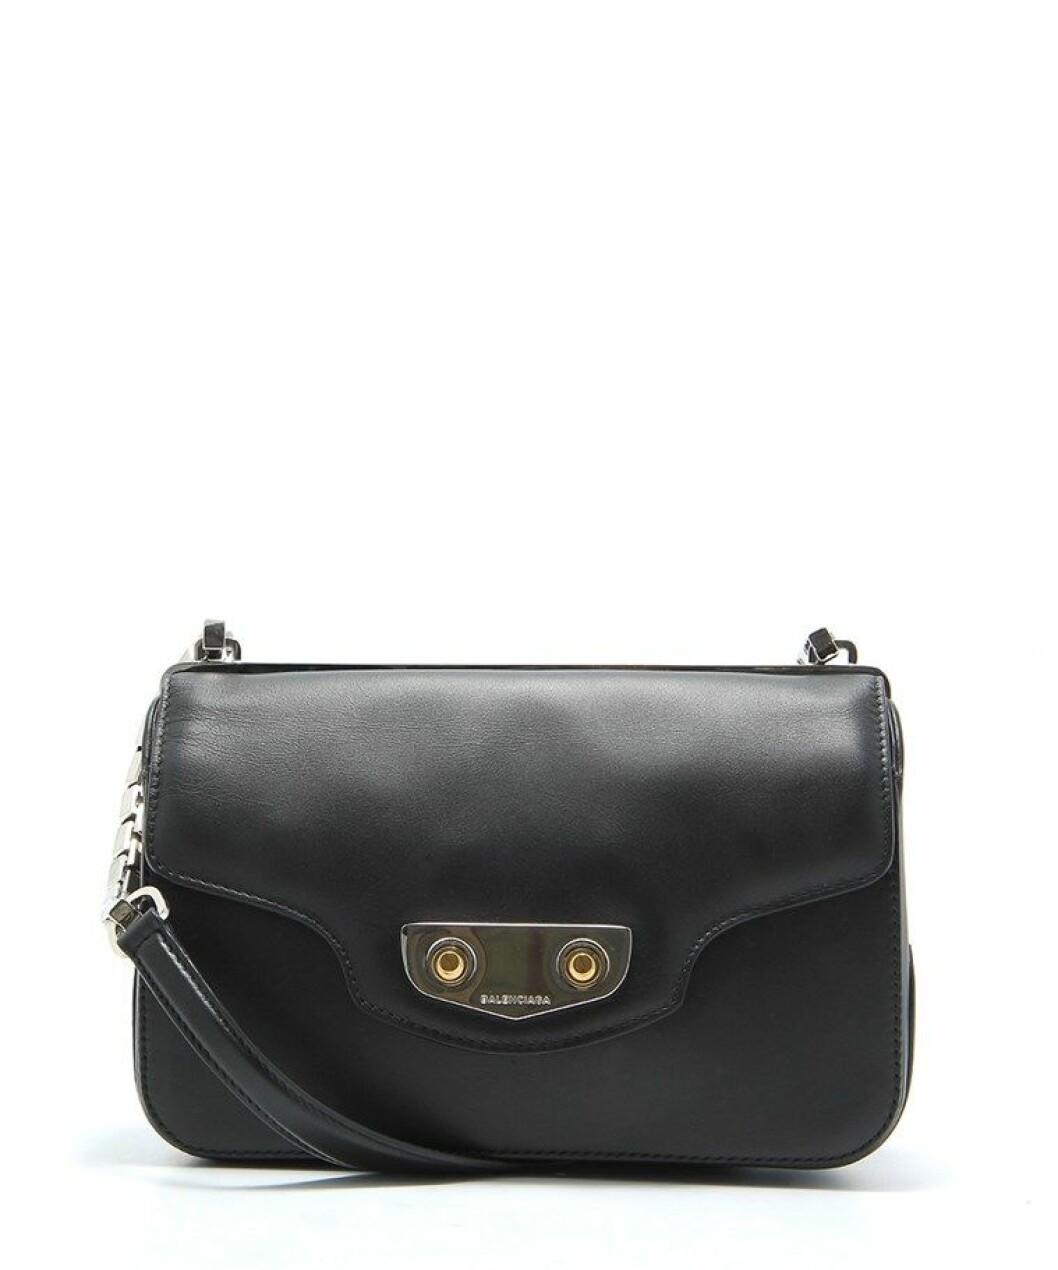 Handväska från Balenciaga